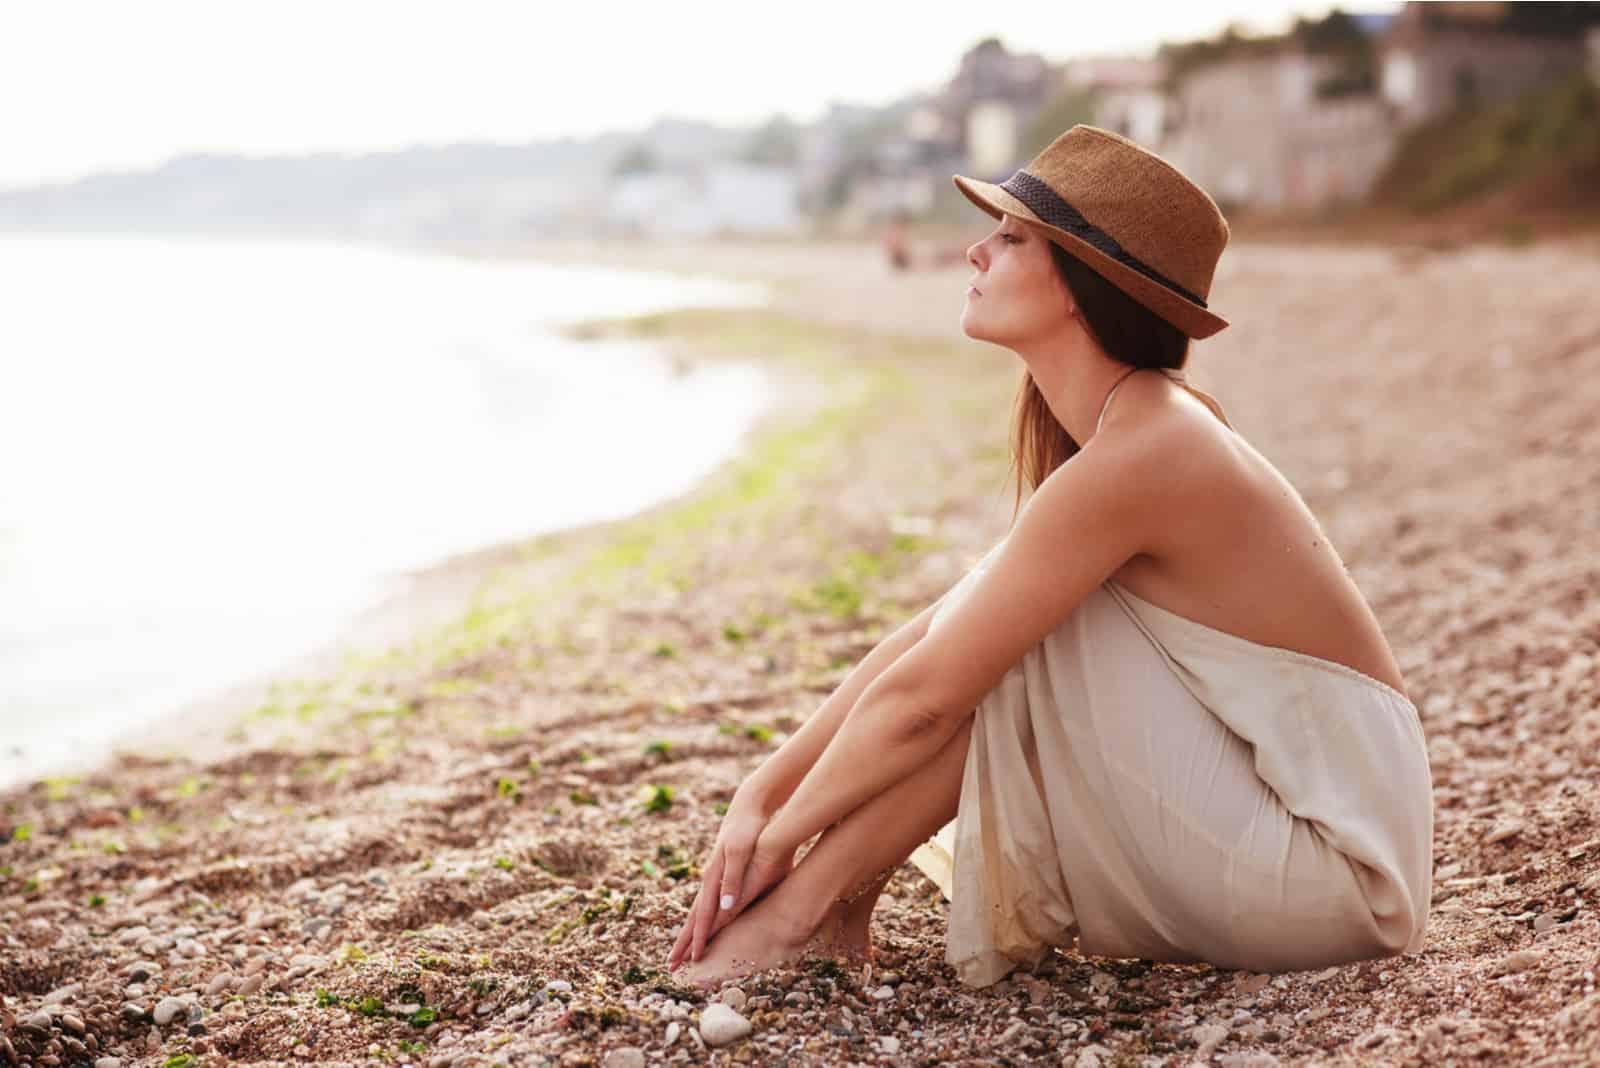 une femme imaginaire avec un chapeau sur la tête est assise sur la plage